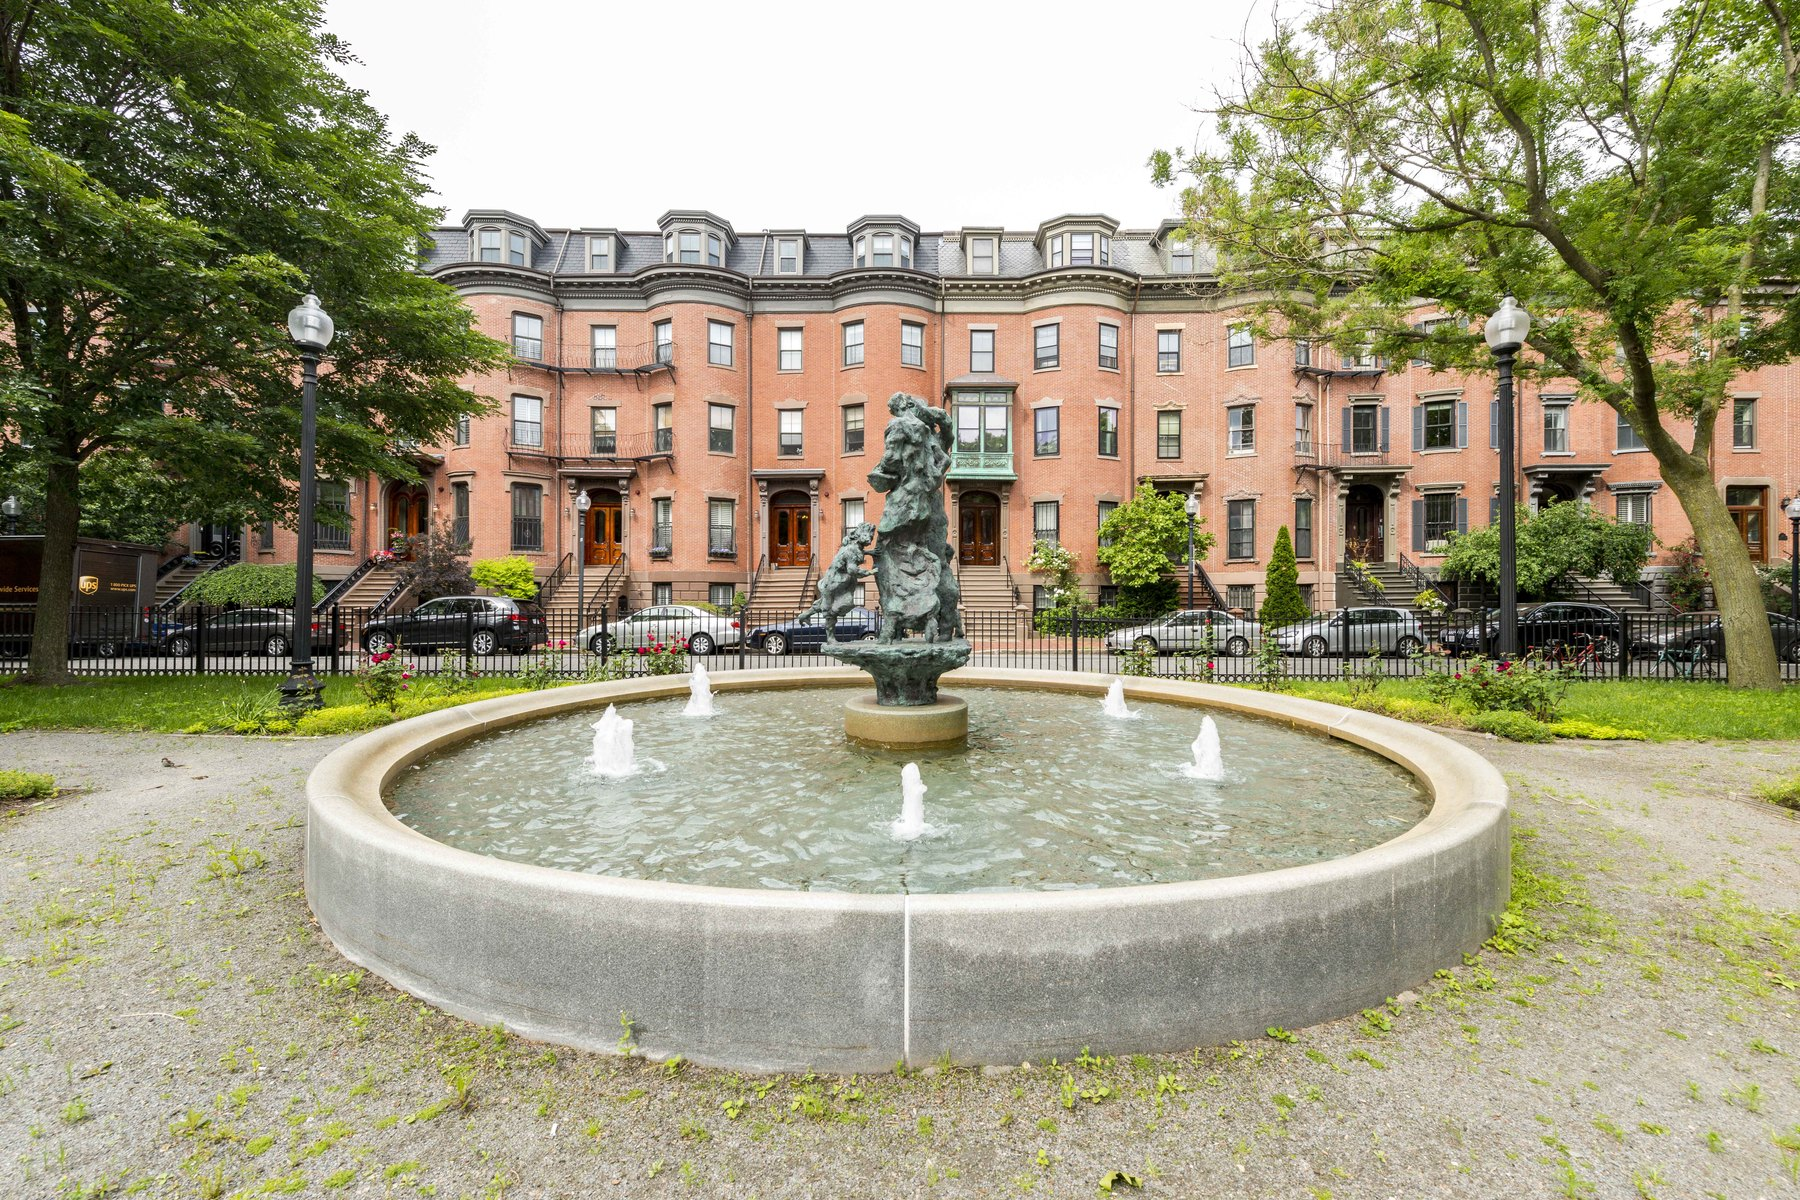 コンドミニアム のために 売買 アット Lovely Two Bedroom On Picturesque Worcester Square 22 Worcester Square Unit 2 South End, Boston, マサチューセッツ, 02118 アメリカ合衆国